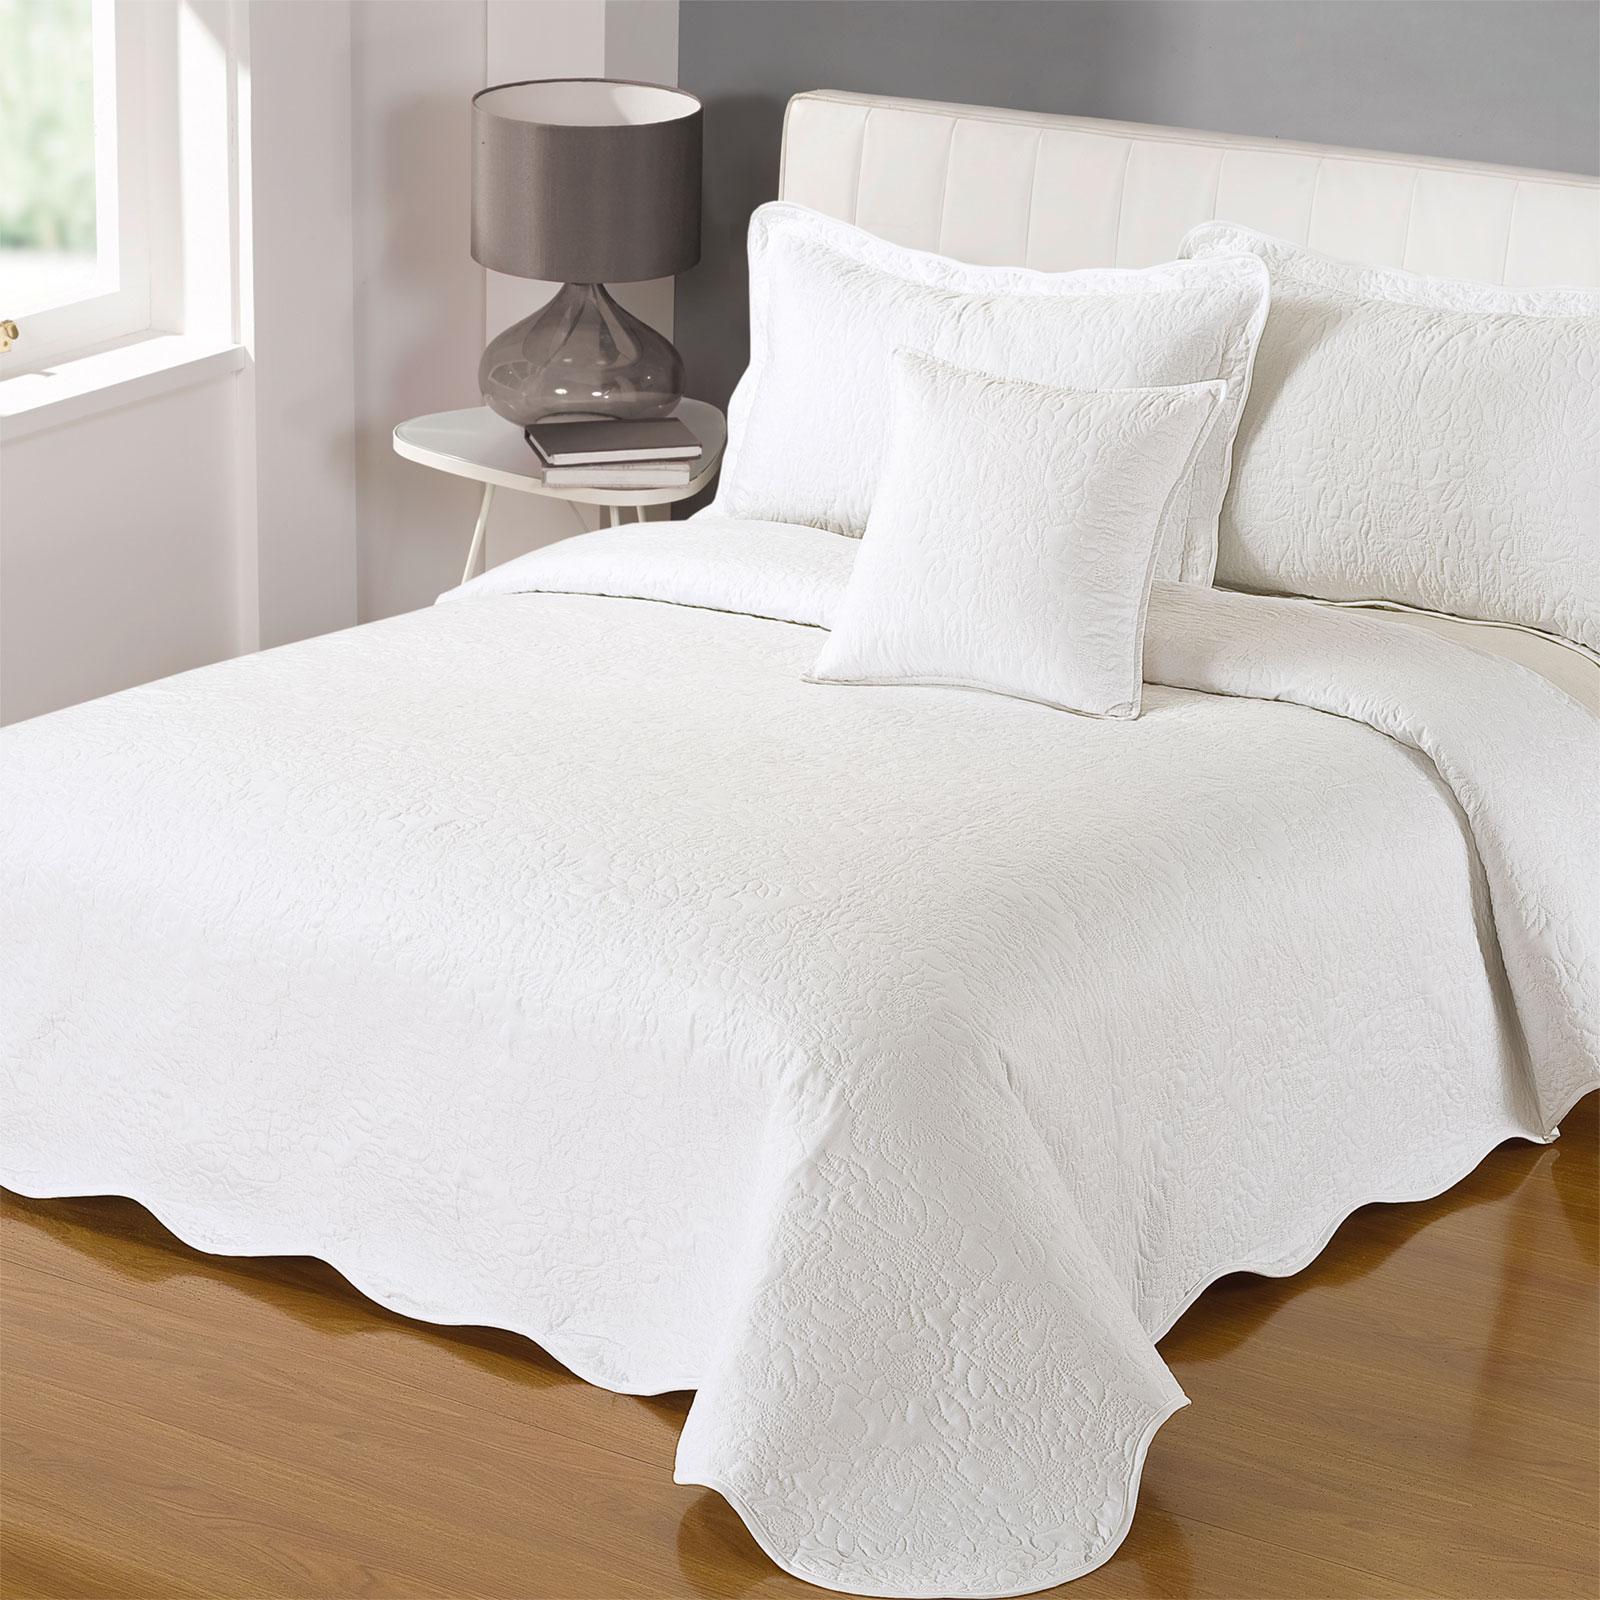 vintage et moderne matelass couvre lit motif r versible 200 x 200 cm ebay. Black Bedroom Furniture Sets. Home Design Ideas